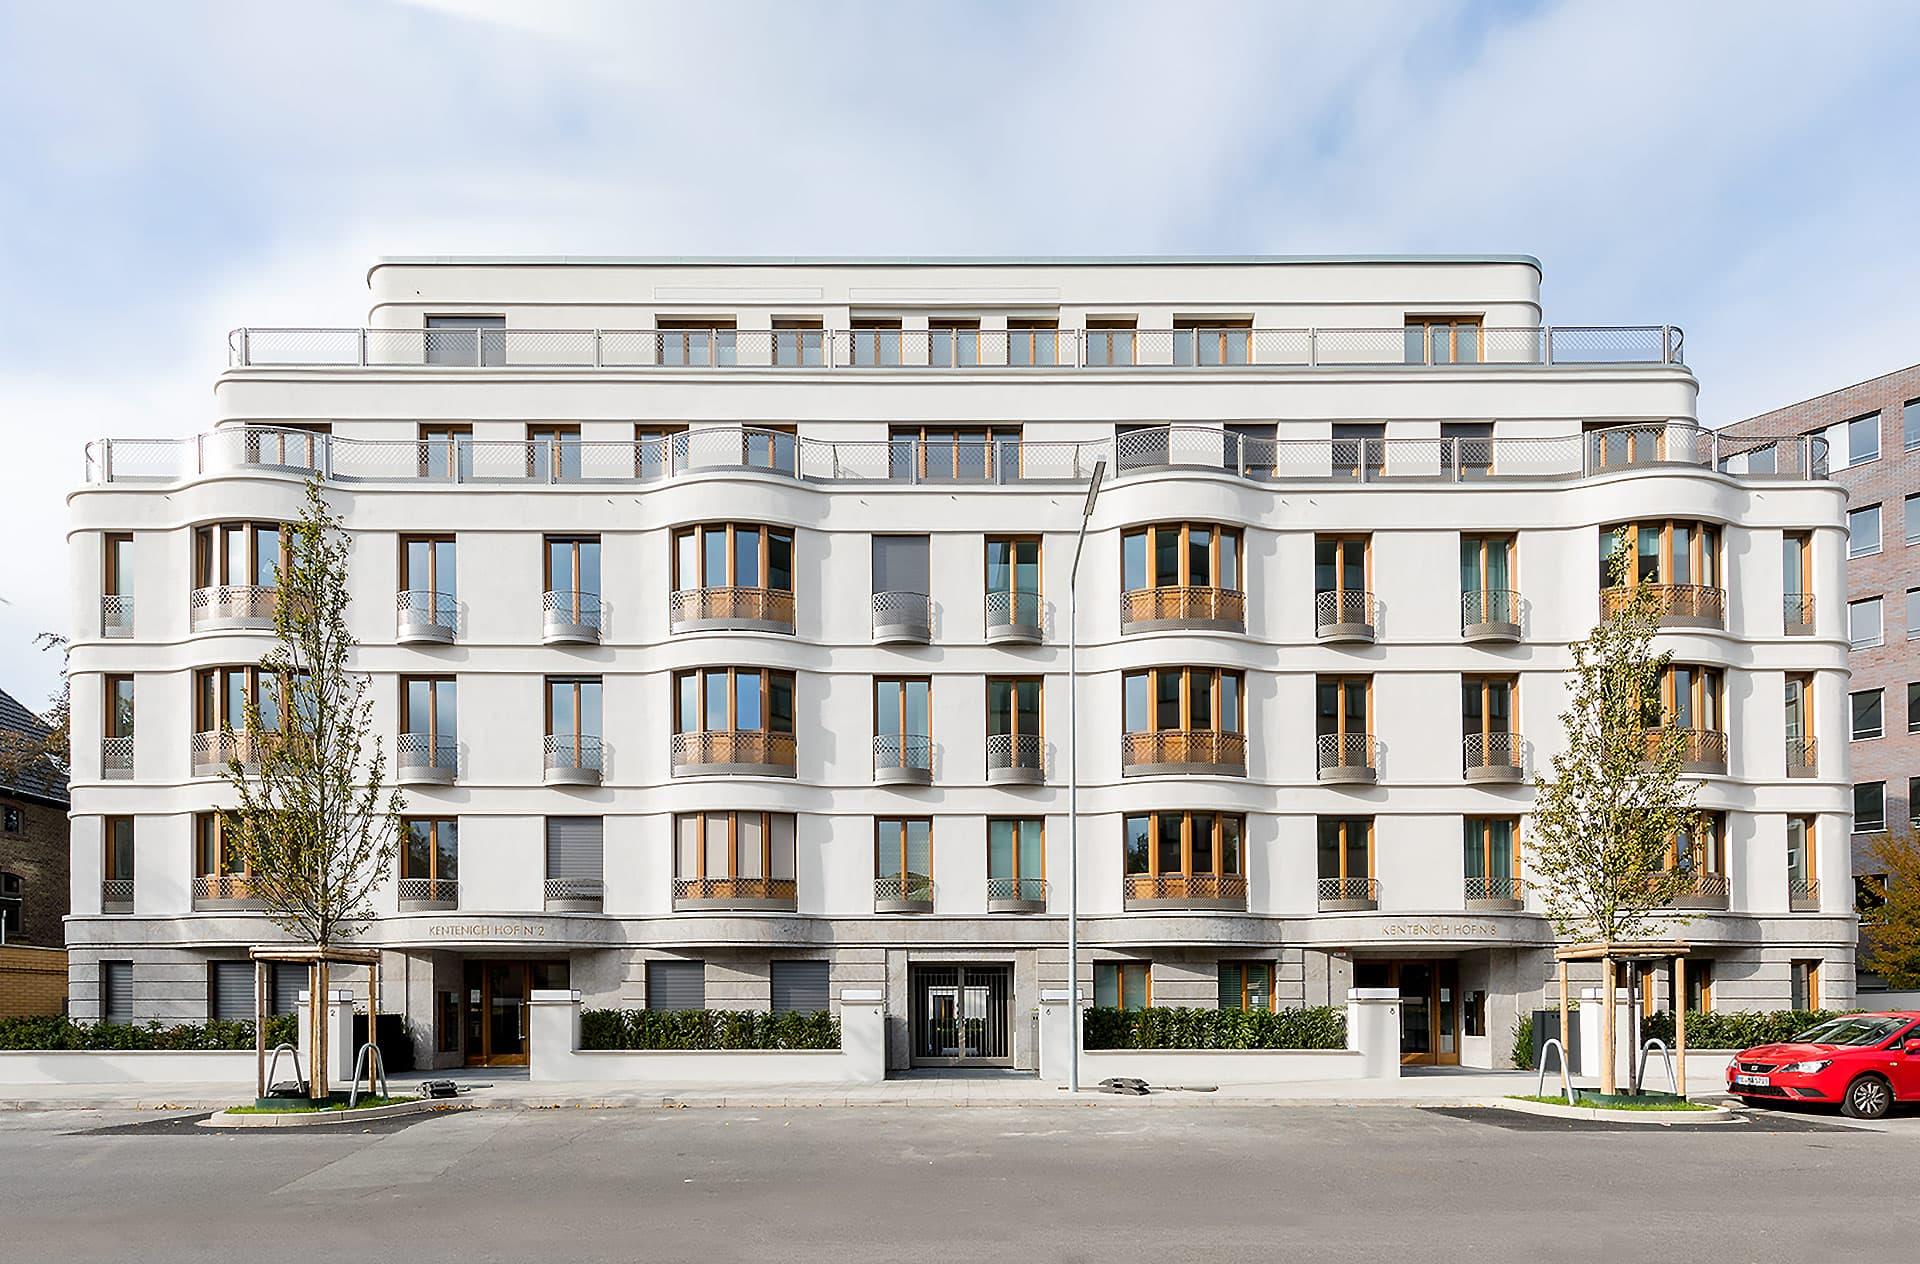 Duesseldorf-Golzheim Kentenich Hof Fassade